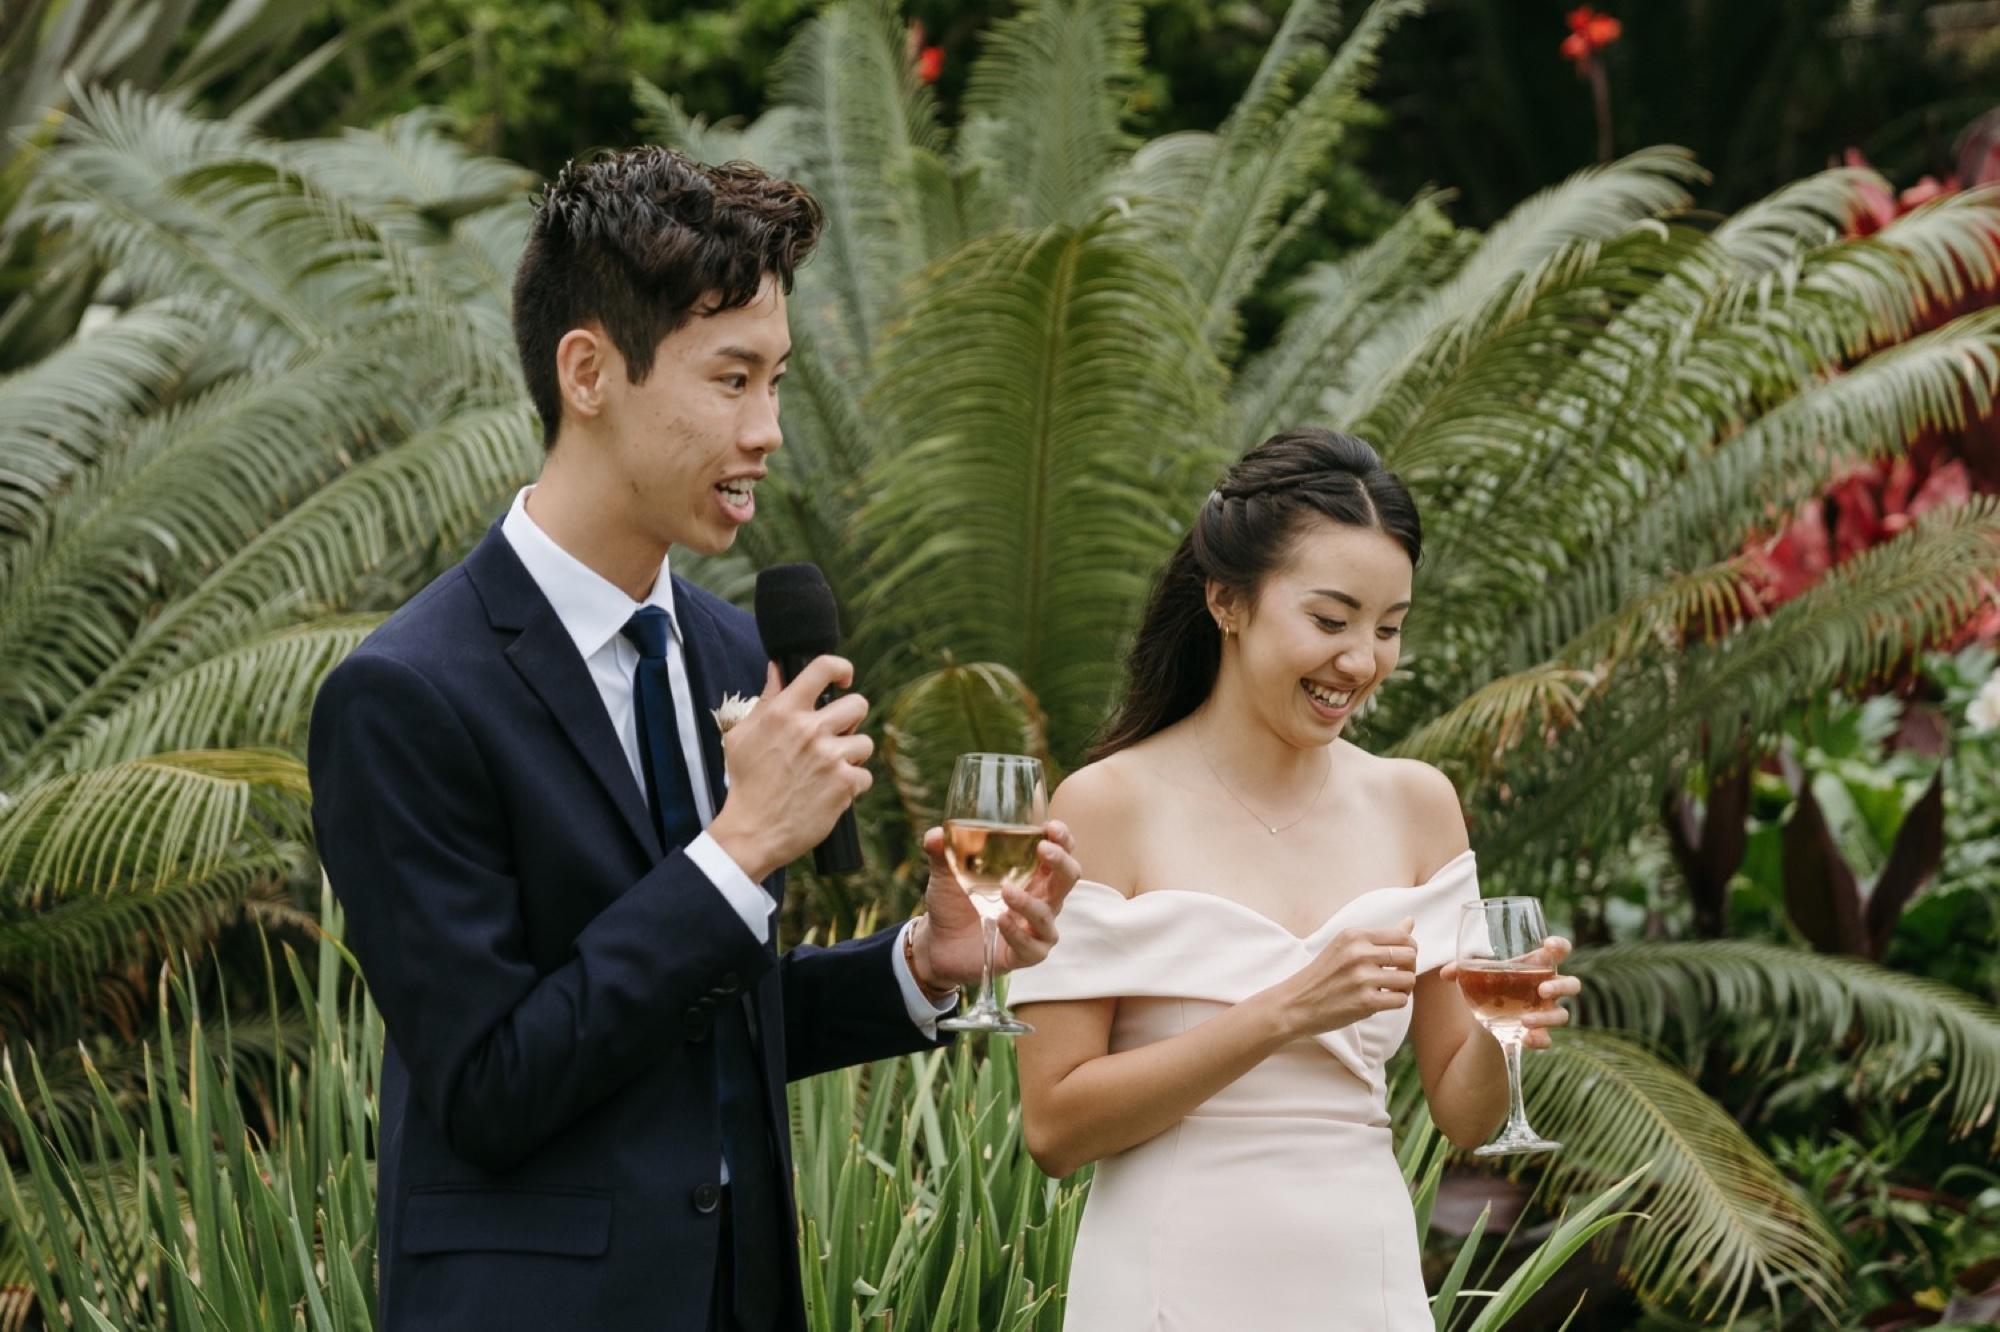 069_Shawna and Steve's Wedding-451.jpg